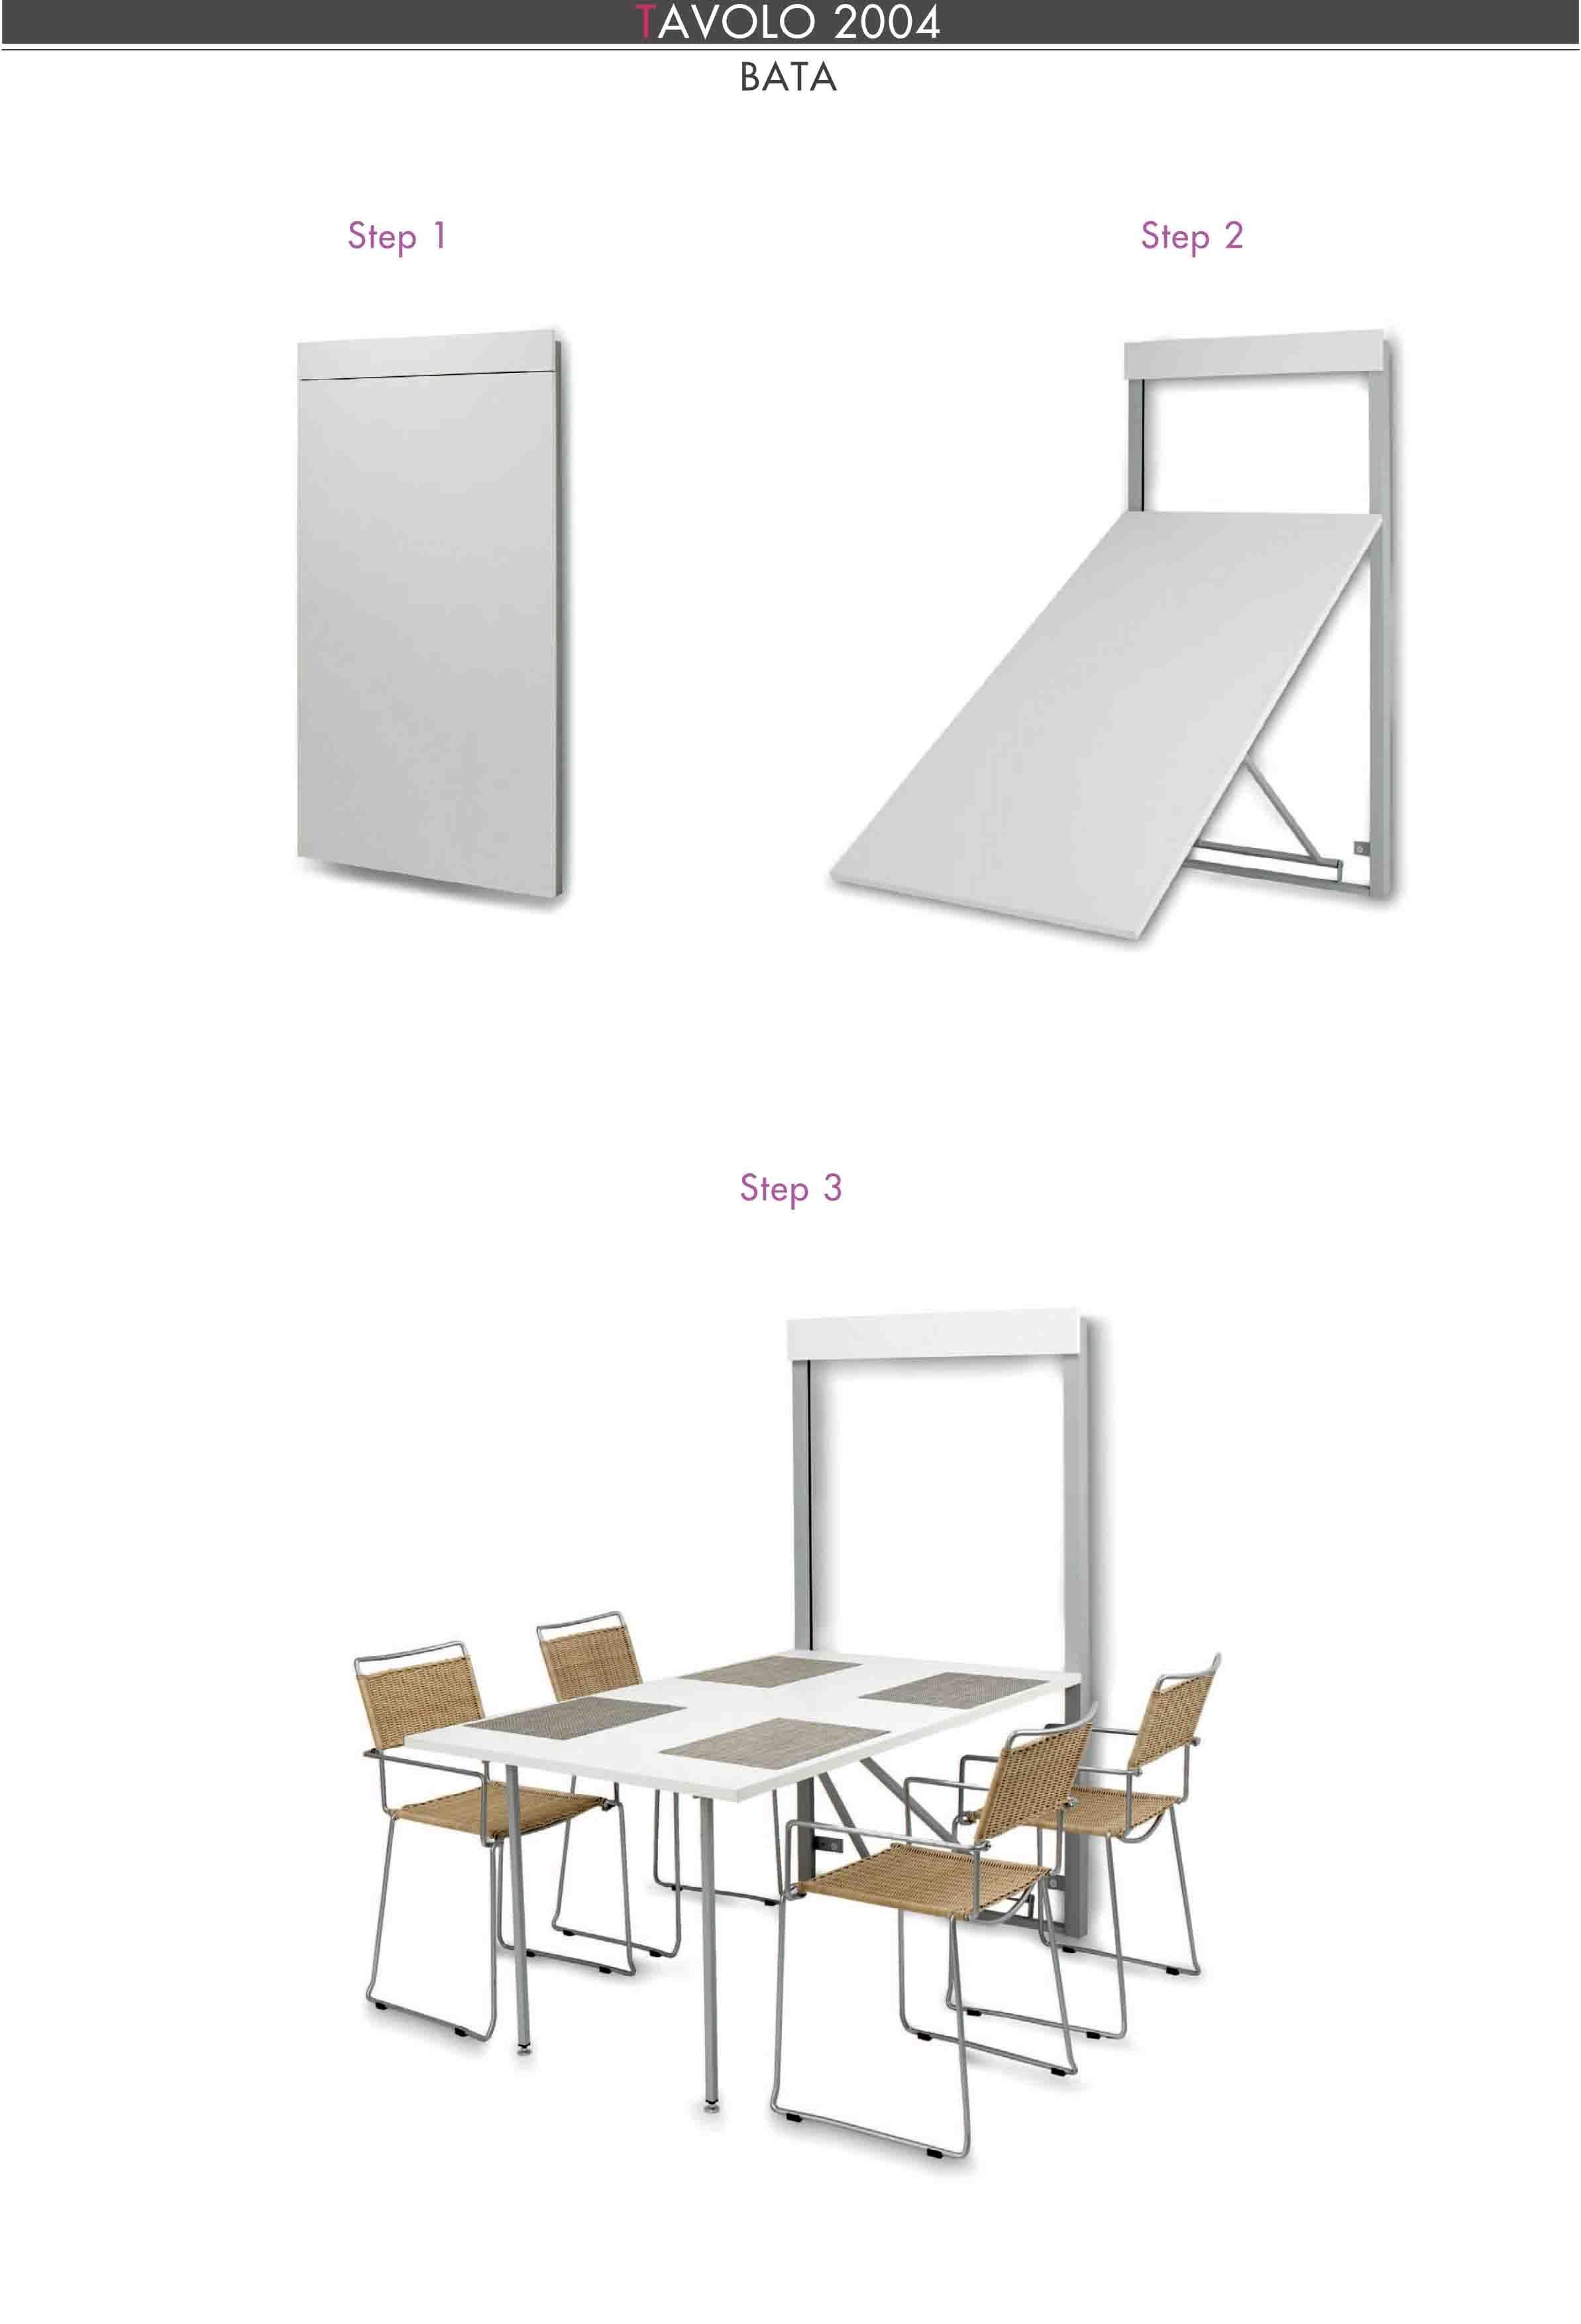 tavola a scomparsa - Cerca con Google | tavoli saliscendi ...